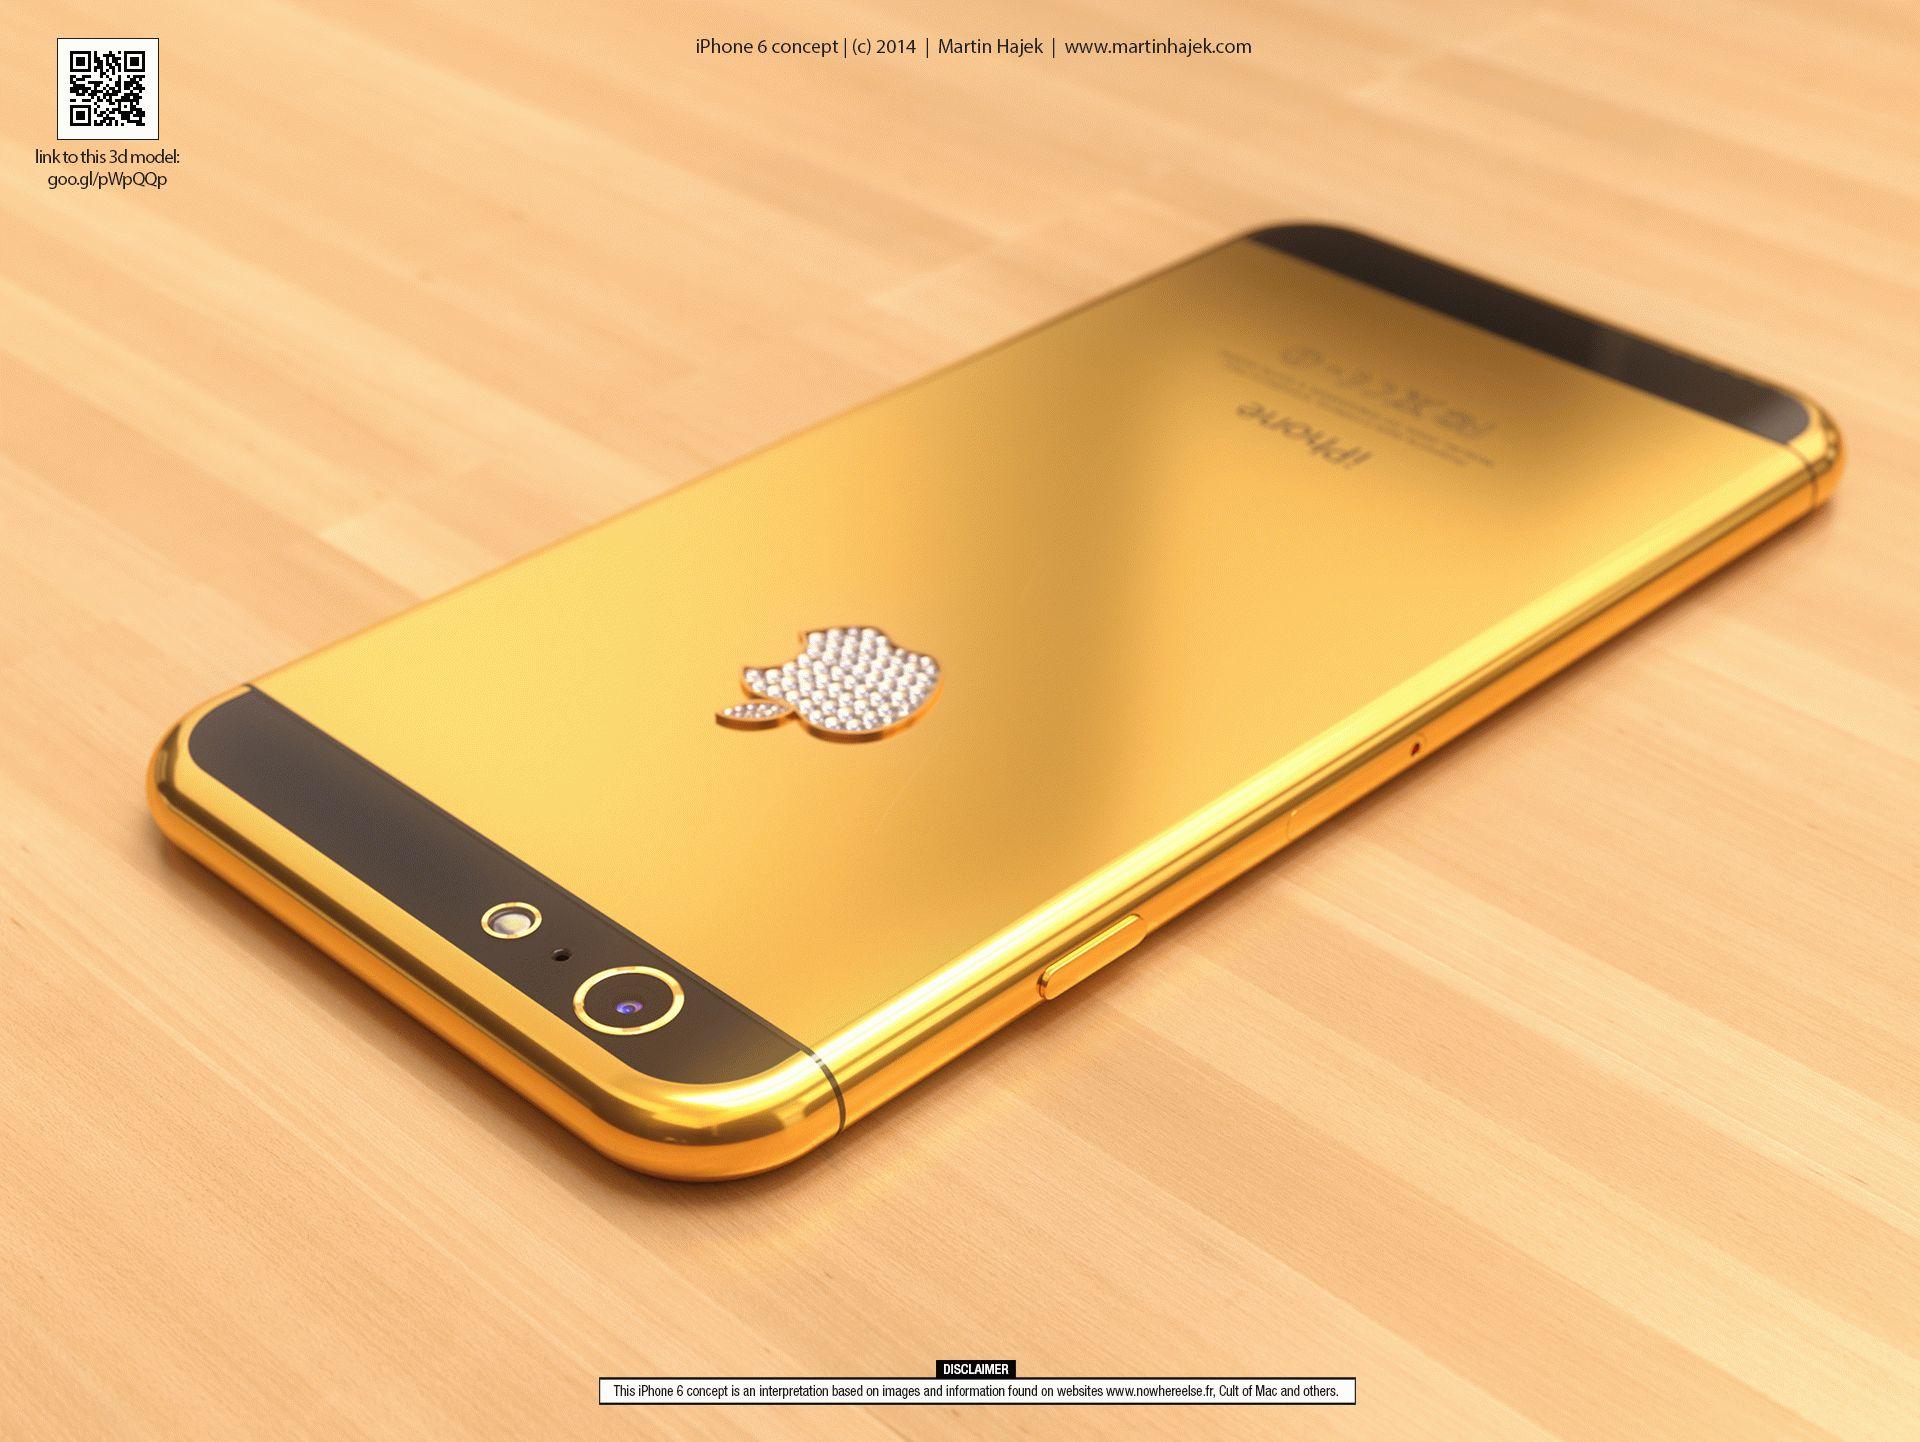 dizayner-predstavil-zolotuyu-versiyu-iphone-6-inkrustirovannuyu-dragotsennyimi-kamnyami-